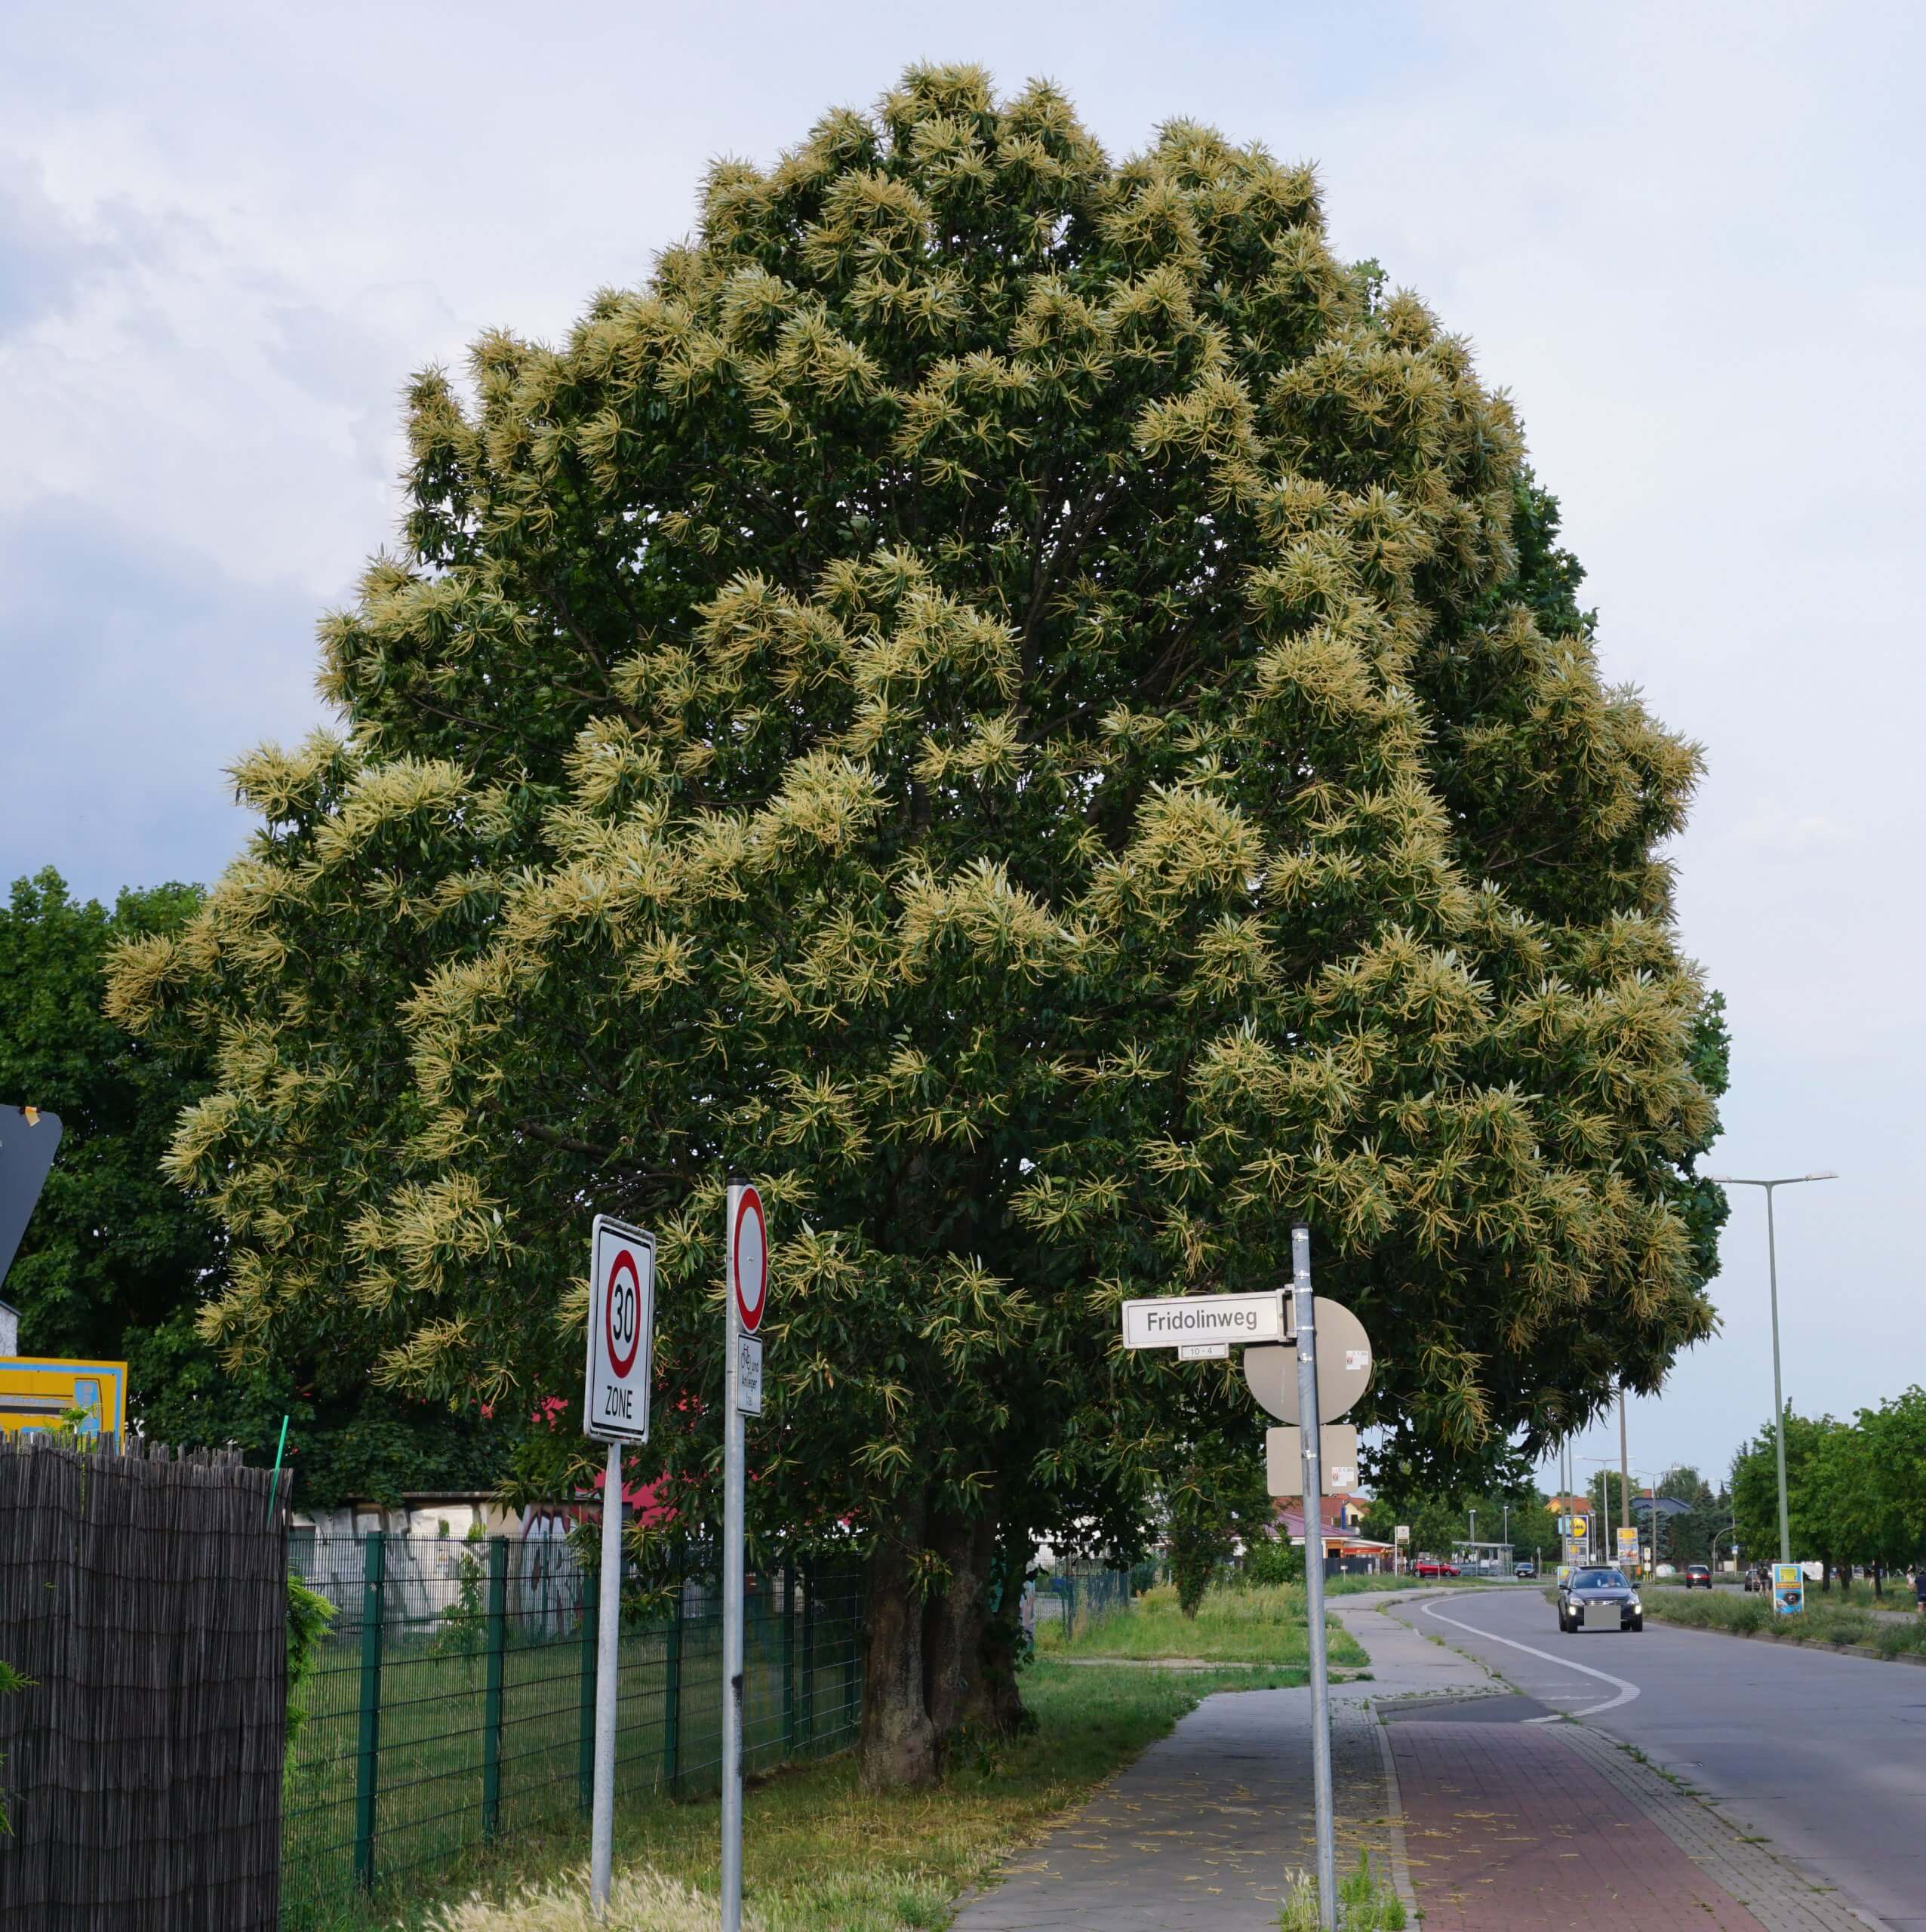 Das Bild zeigt ein frei stehendes Exemplar einer Edel-Kastanie nach der Blütezeit an der Cecilienstraße /Ecke Fridolinweg in Marzahn-Hellersdorf. Die langen männlichen Blütenstände sind immer noch dominant sichtbar.